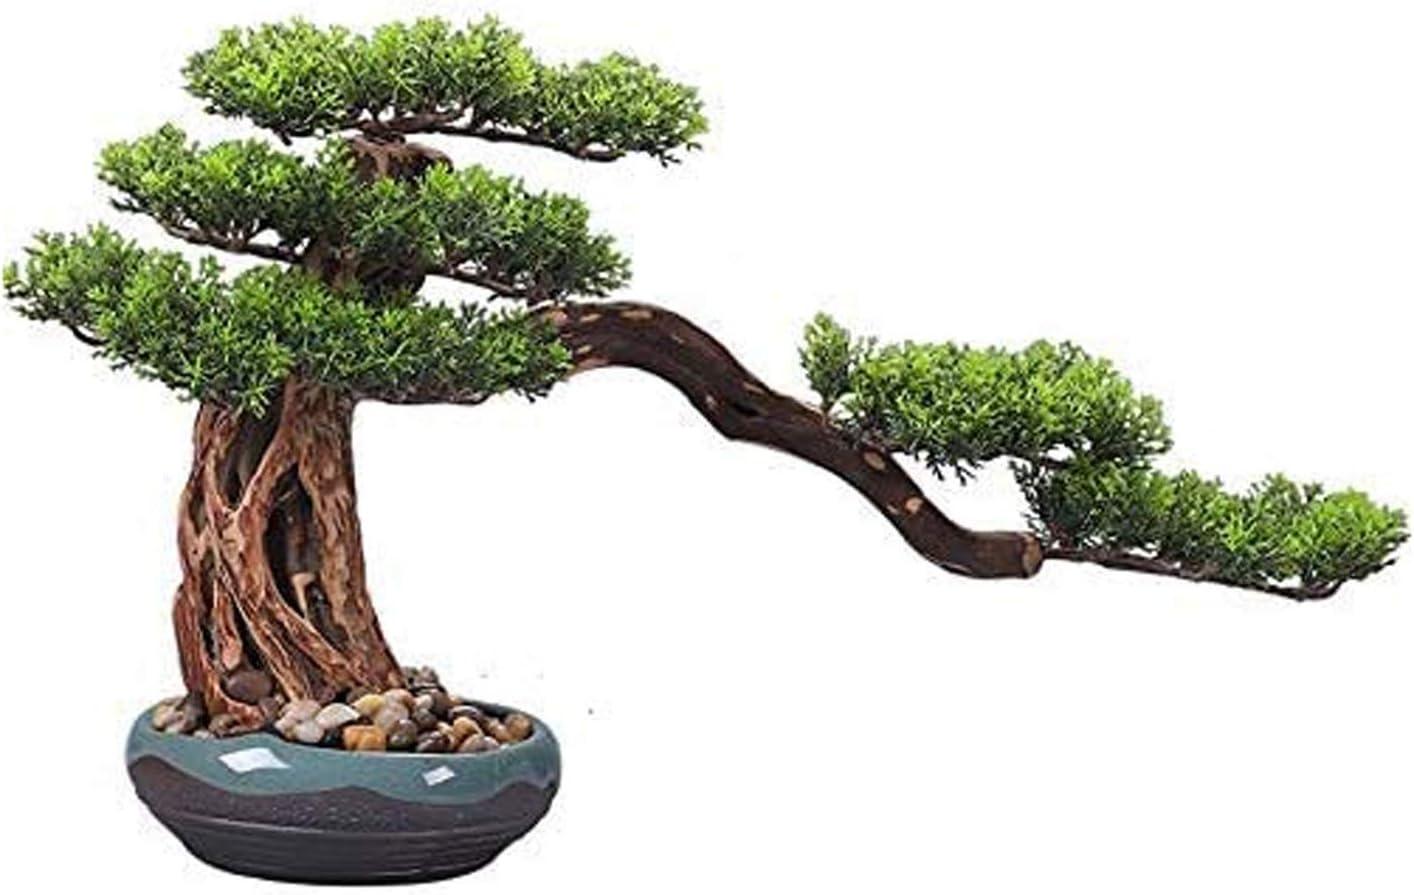 Plantas Artificiales Árbol Bonsai Falso Árbol de bonsais de estilo chino en maceta de cerámica raíz natural para talla de ornamentos artificiales de interior Pino falso para la oficina de entrada de l